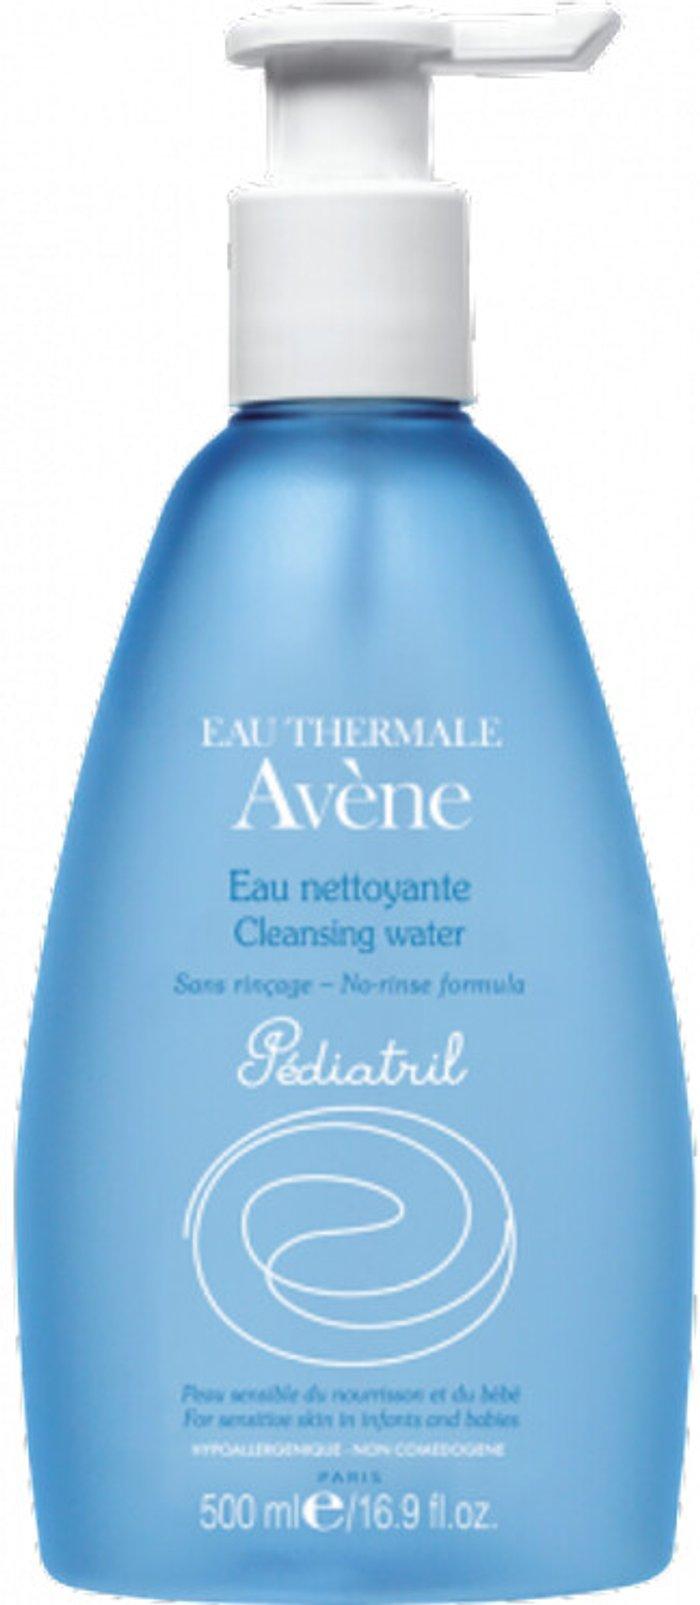 Avène Avène Pediatril Cleansing Water (500 ml)